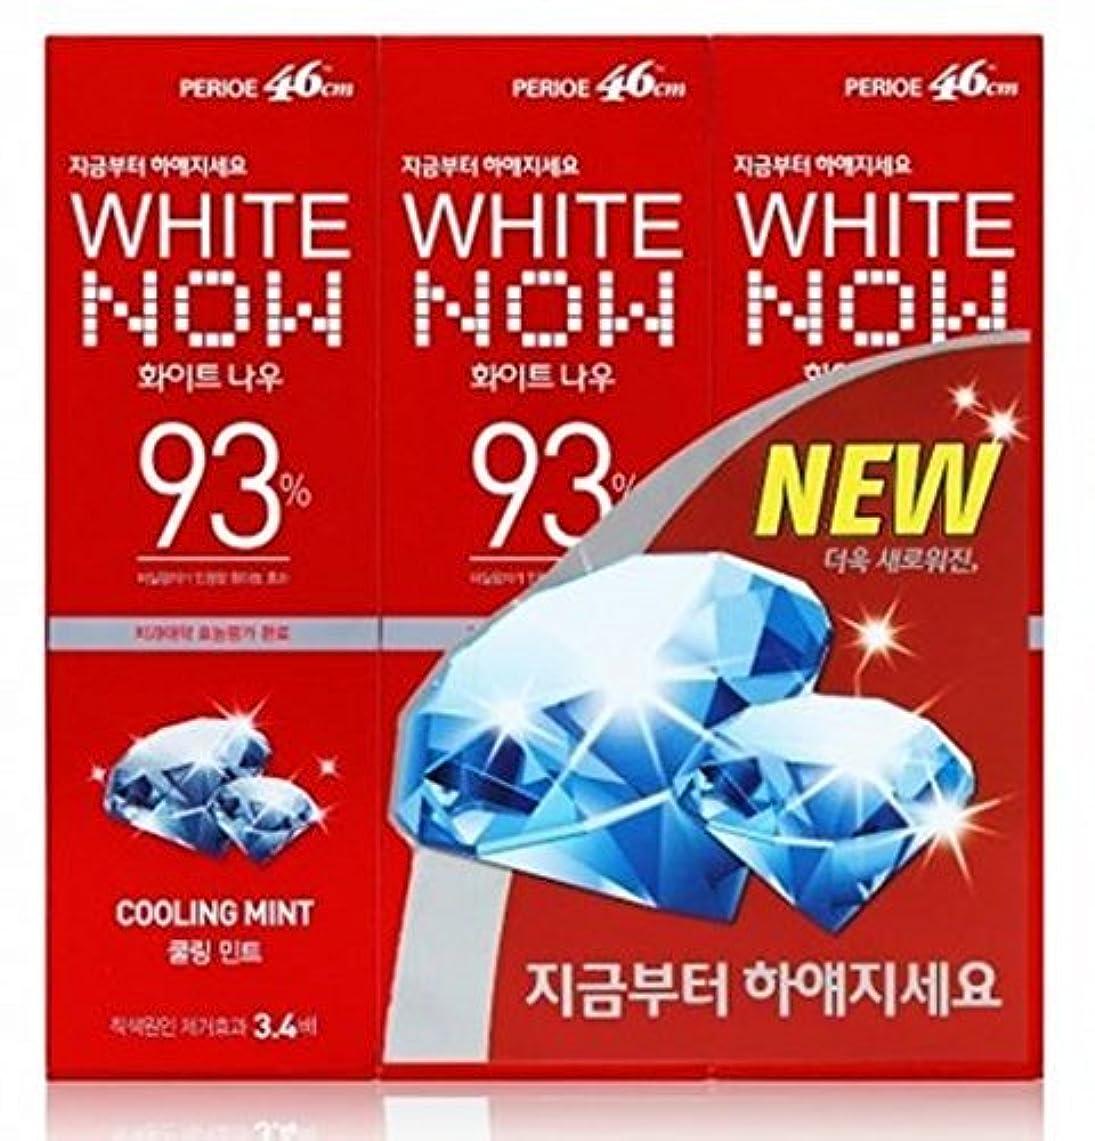 実際のエゴイズムモディッシュLg Perioe 46cm Toothpaste Oral Care White Now 93% Cooling Mint 100g X 3 by perioe